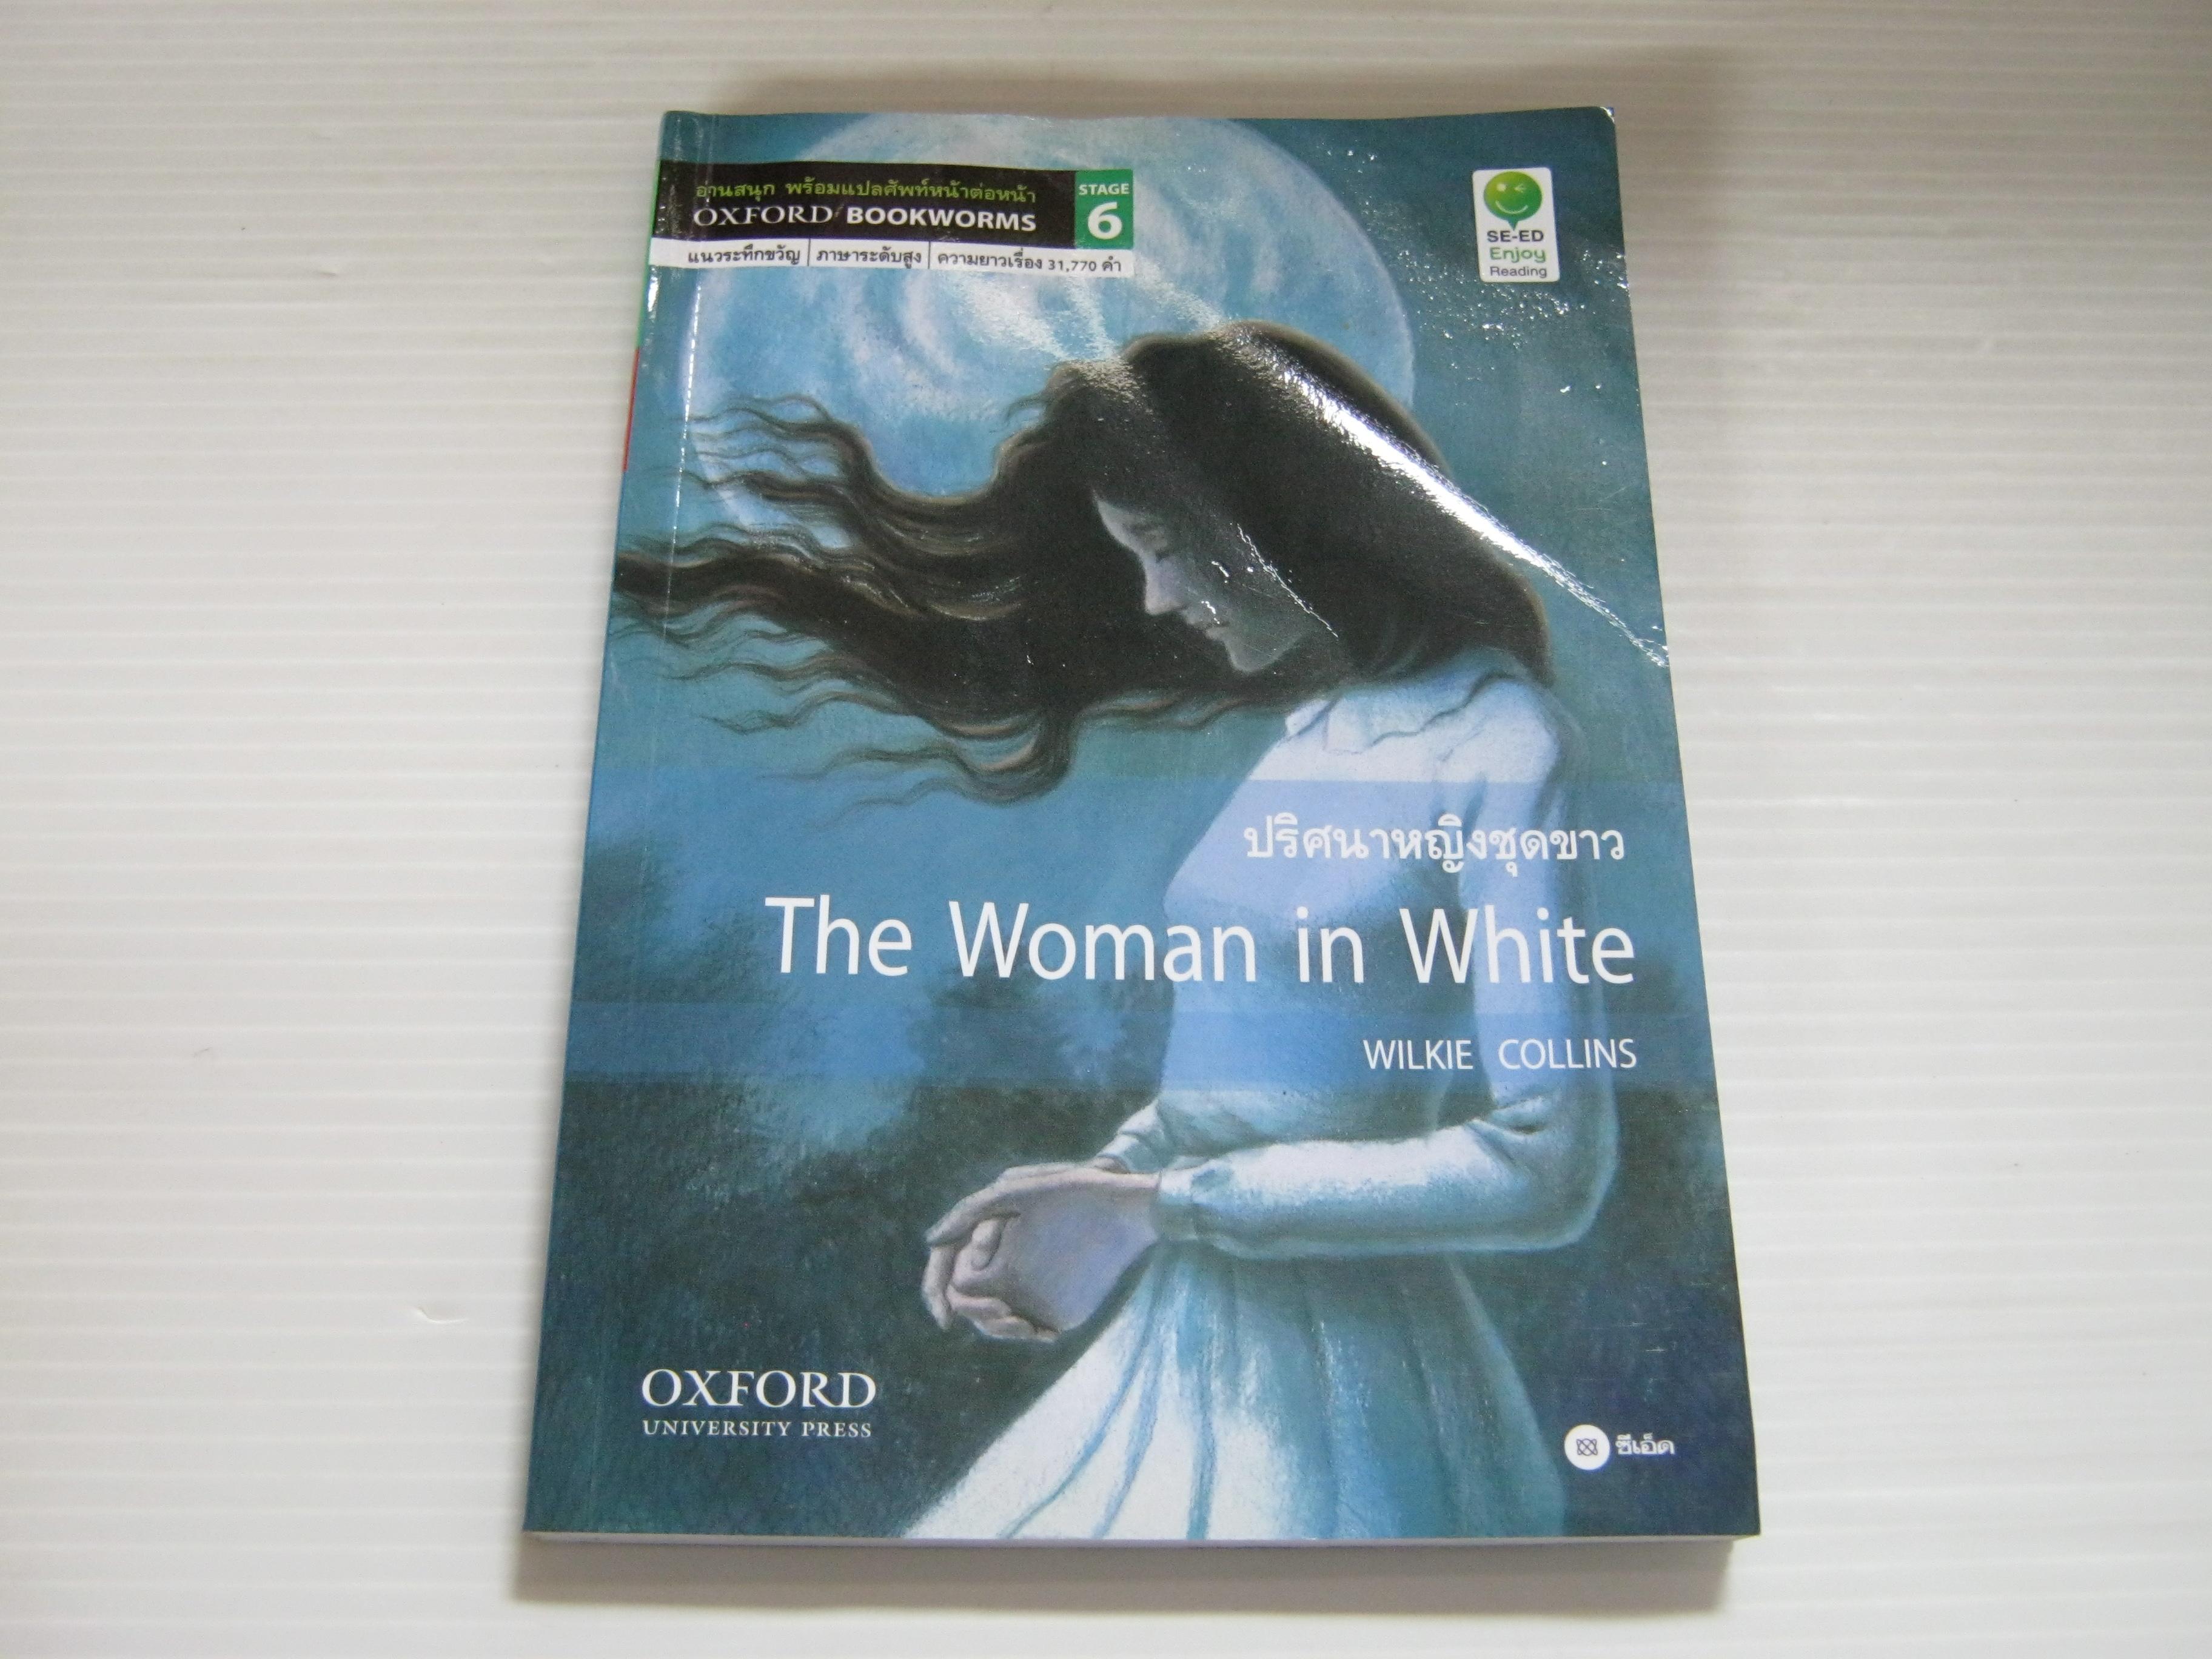 ปริศนาหญิงชุดขาว (The Woman in White) Wilkie Collins เขียน